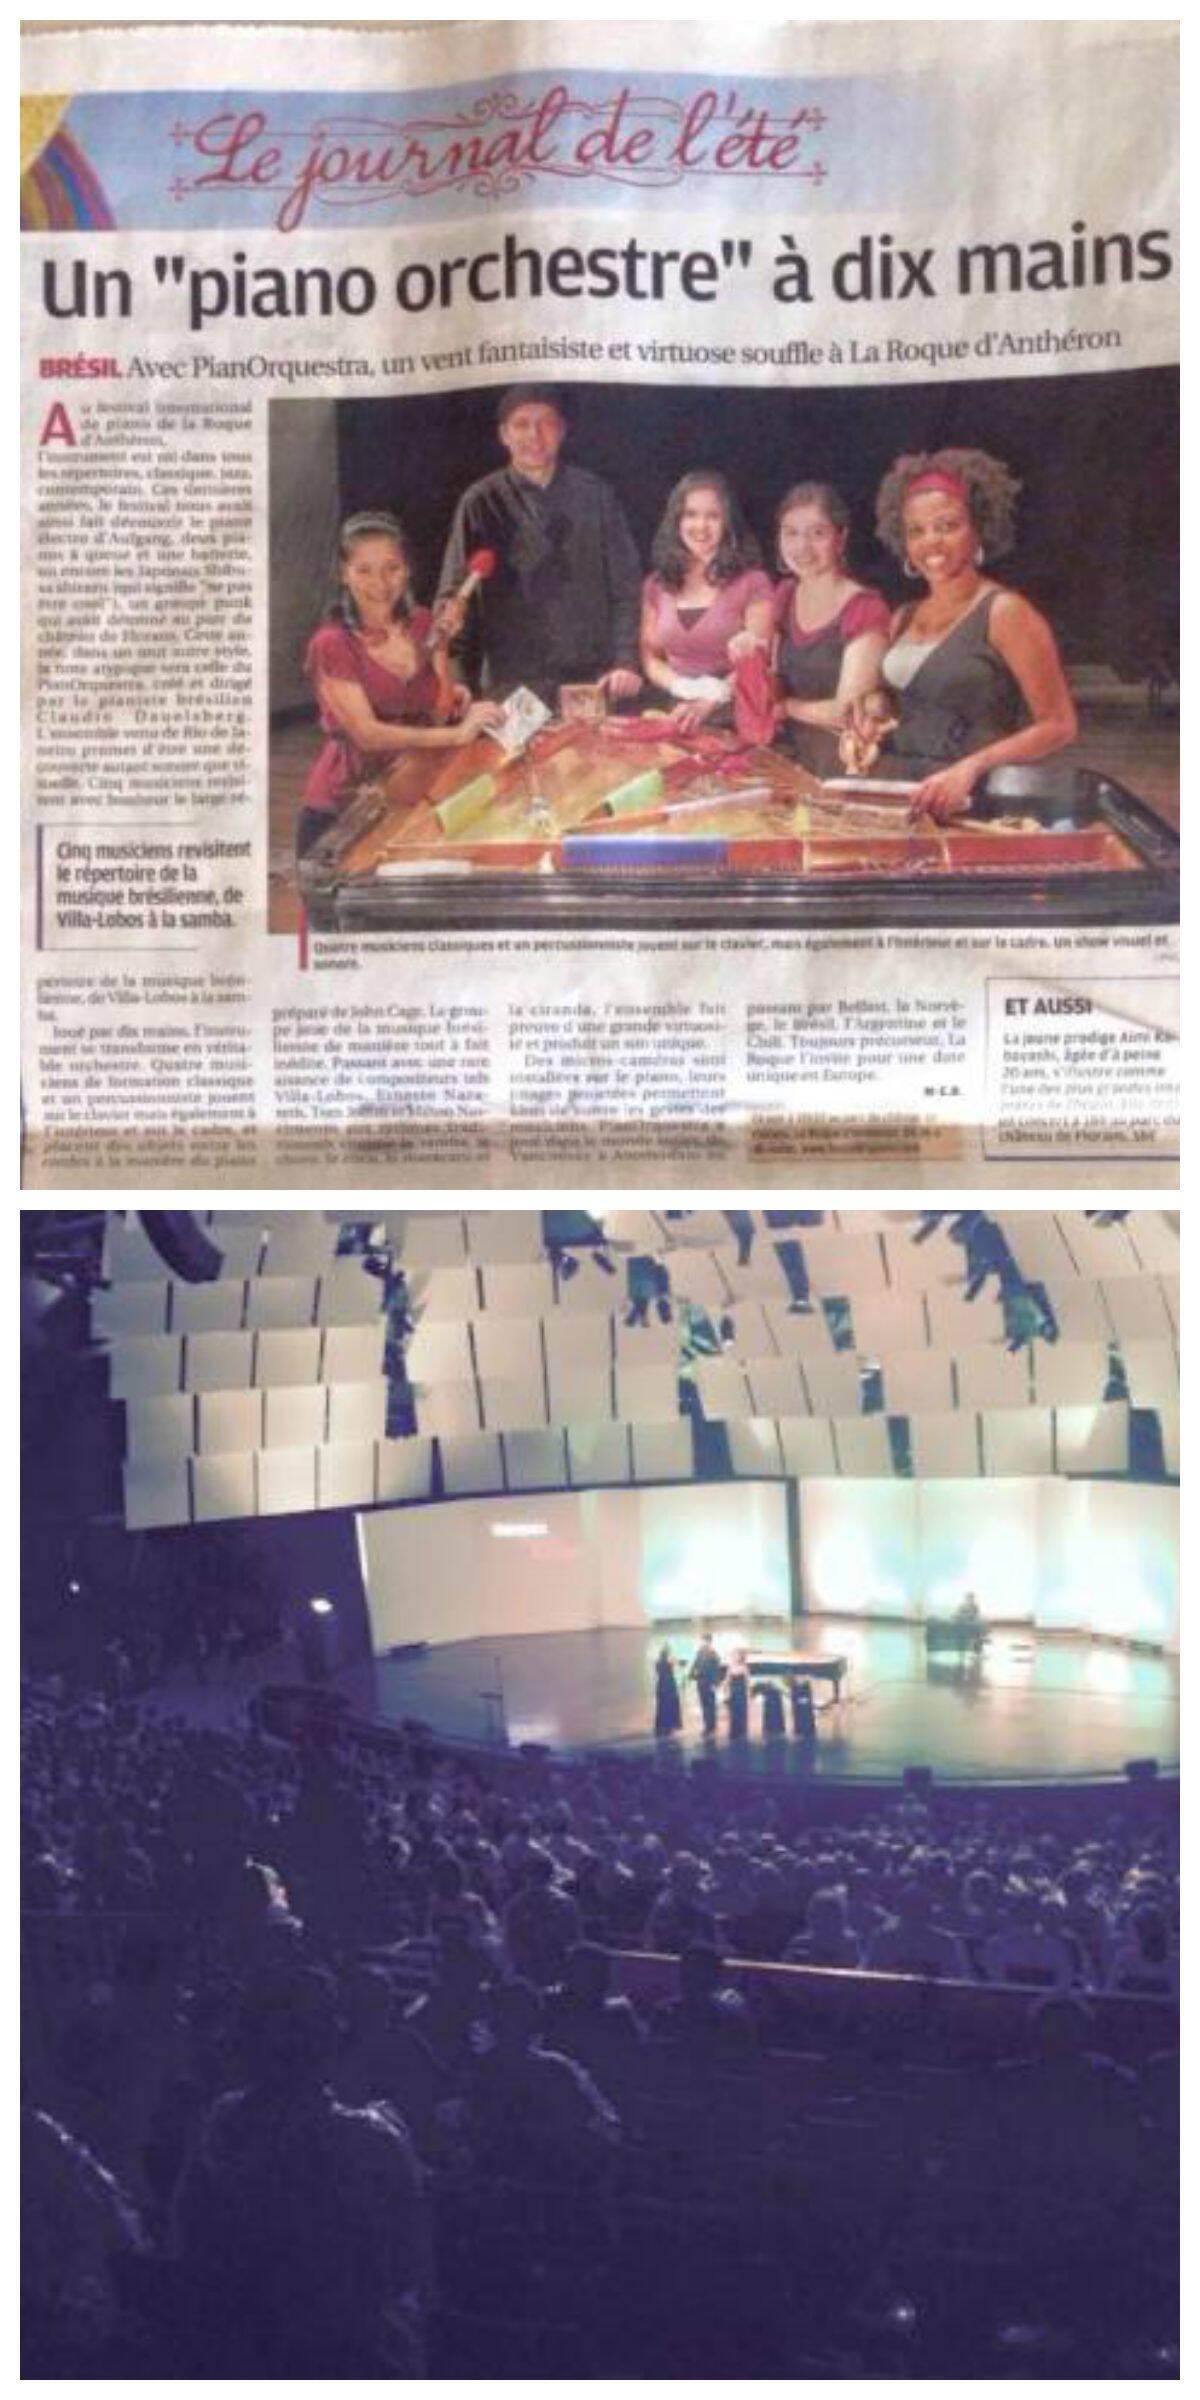 No alto, o grupo foi saudado pelos jornais franceses como um sopro virtuoso e visionário; acima, Claudio e as pianistas agradecem à plateia lotada/ Fotos: divulgação